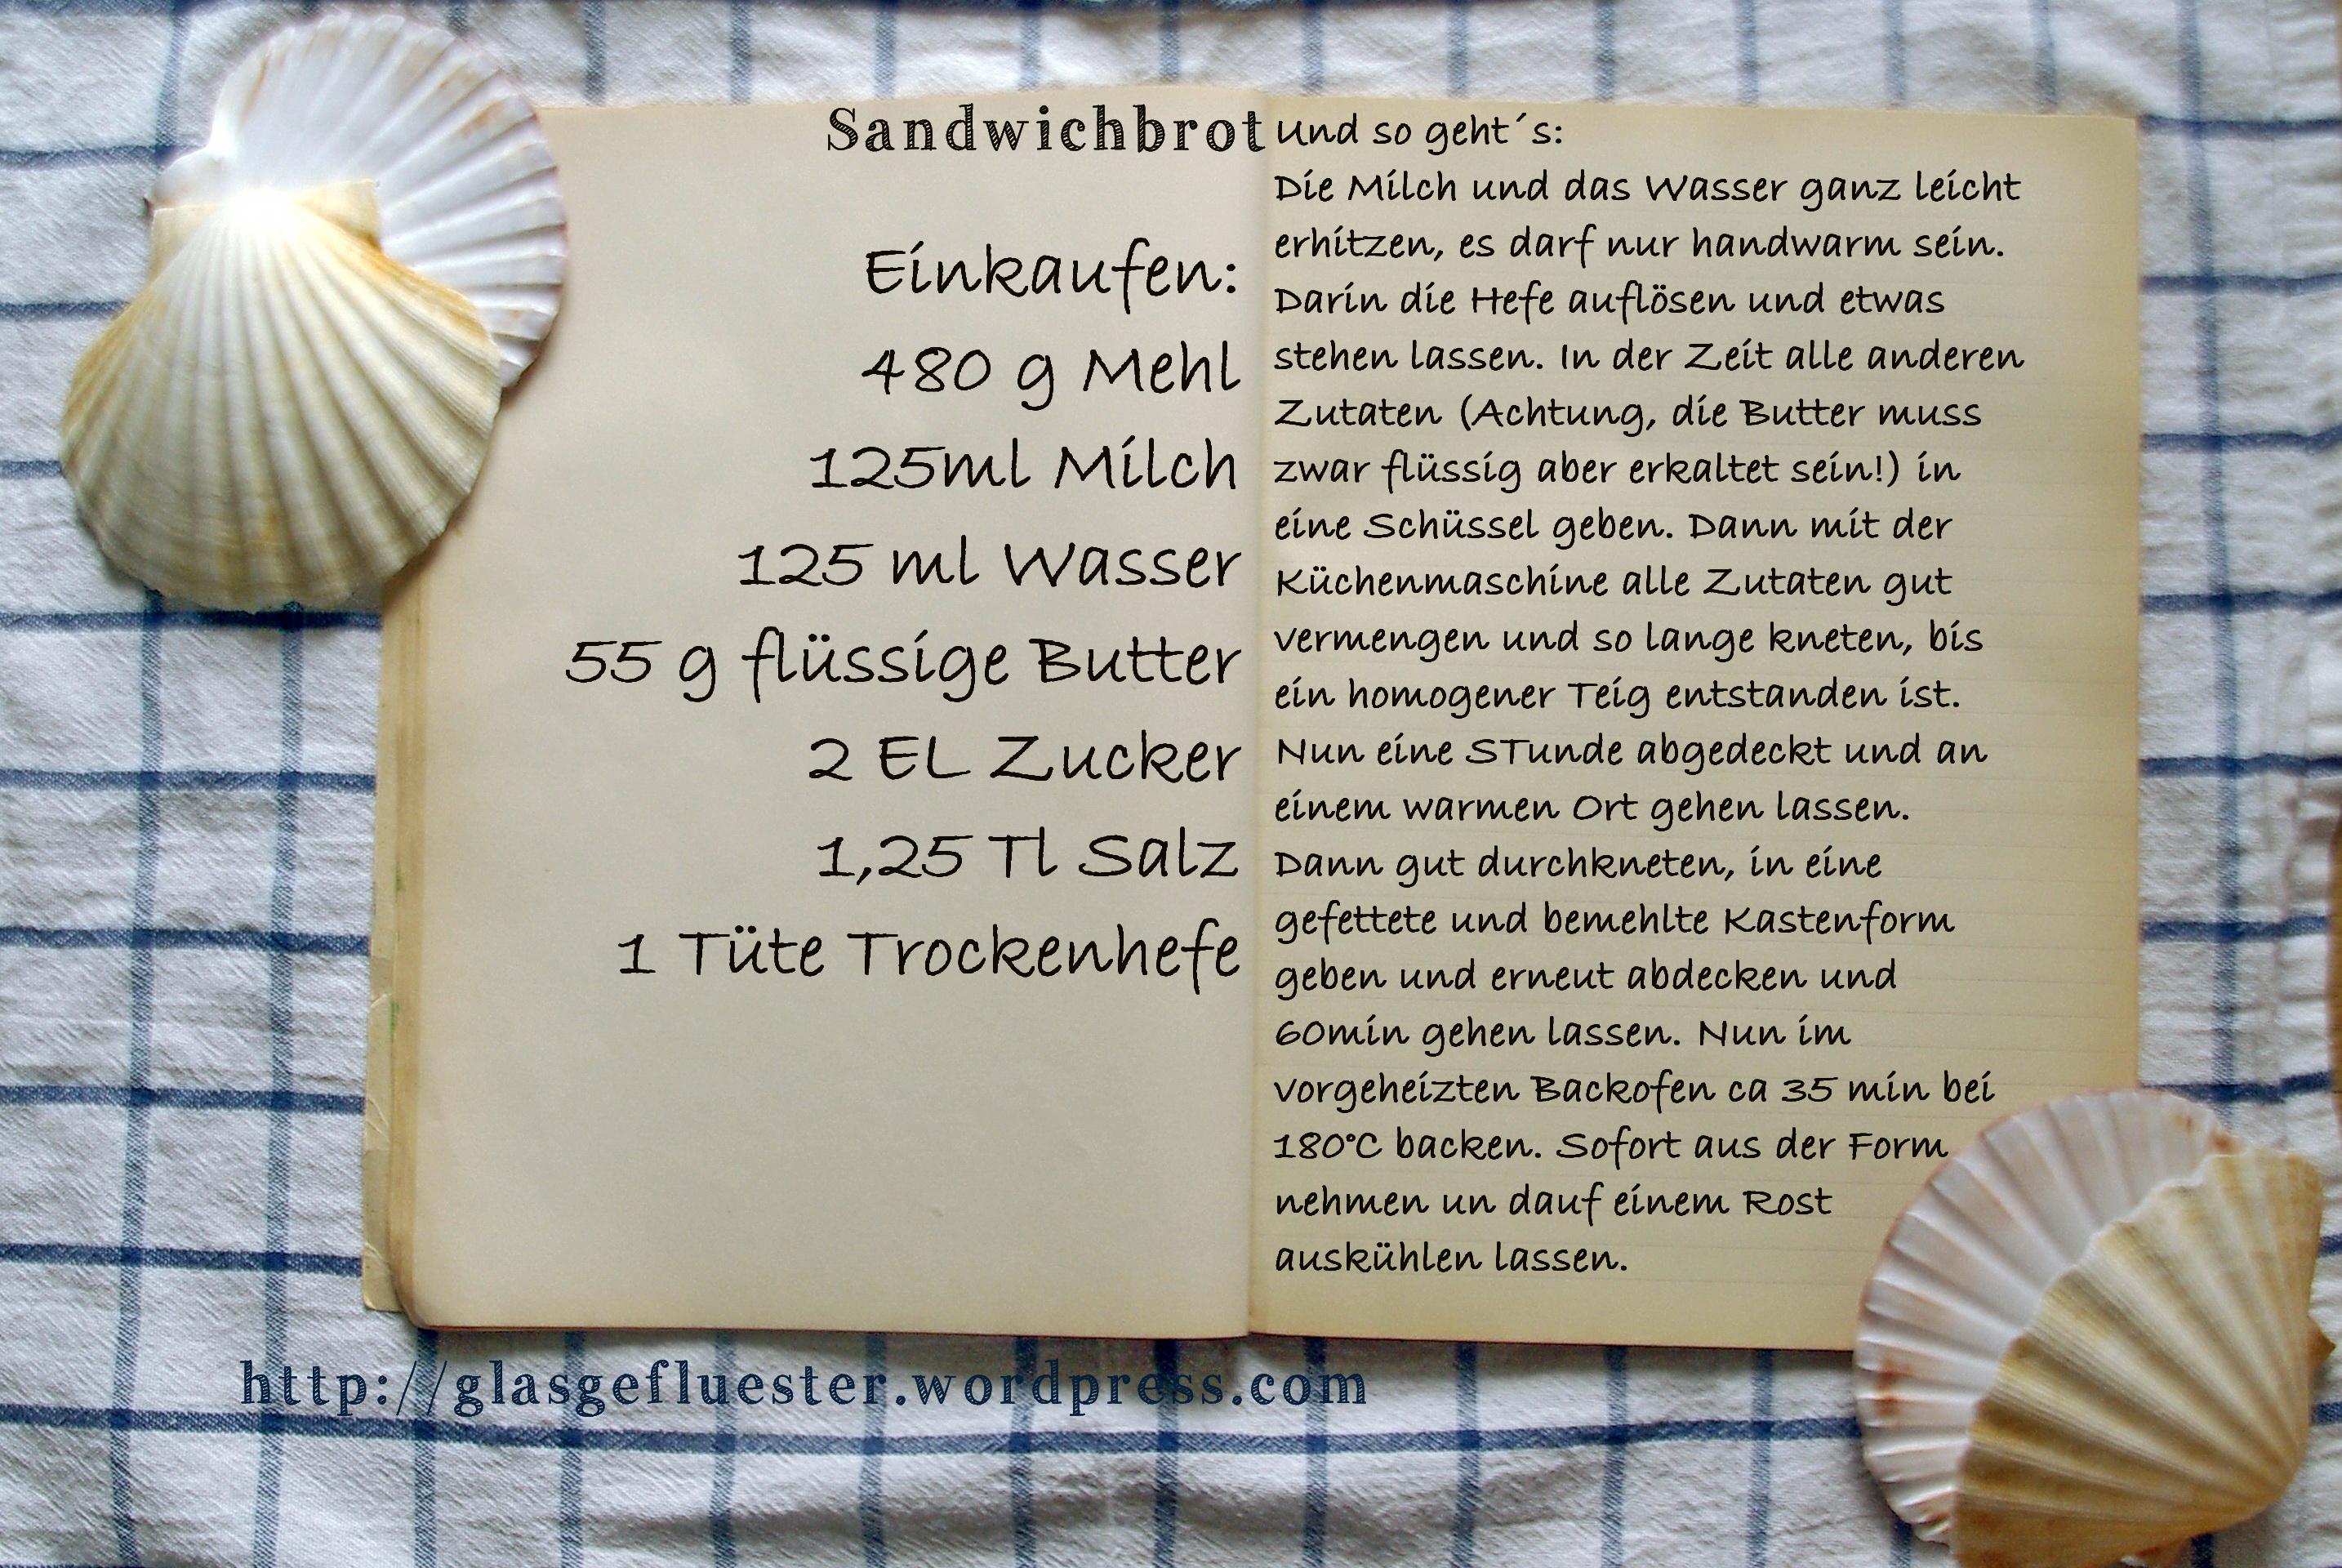 EinkaufszettelSandwichbrot by Glasgefluester